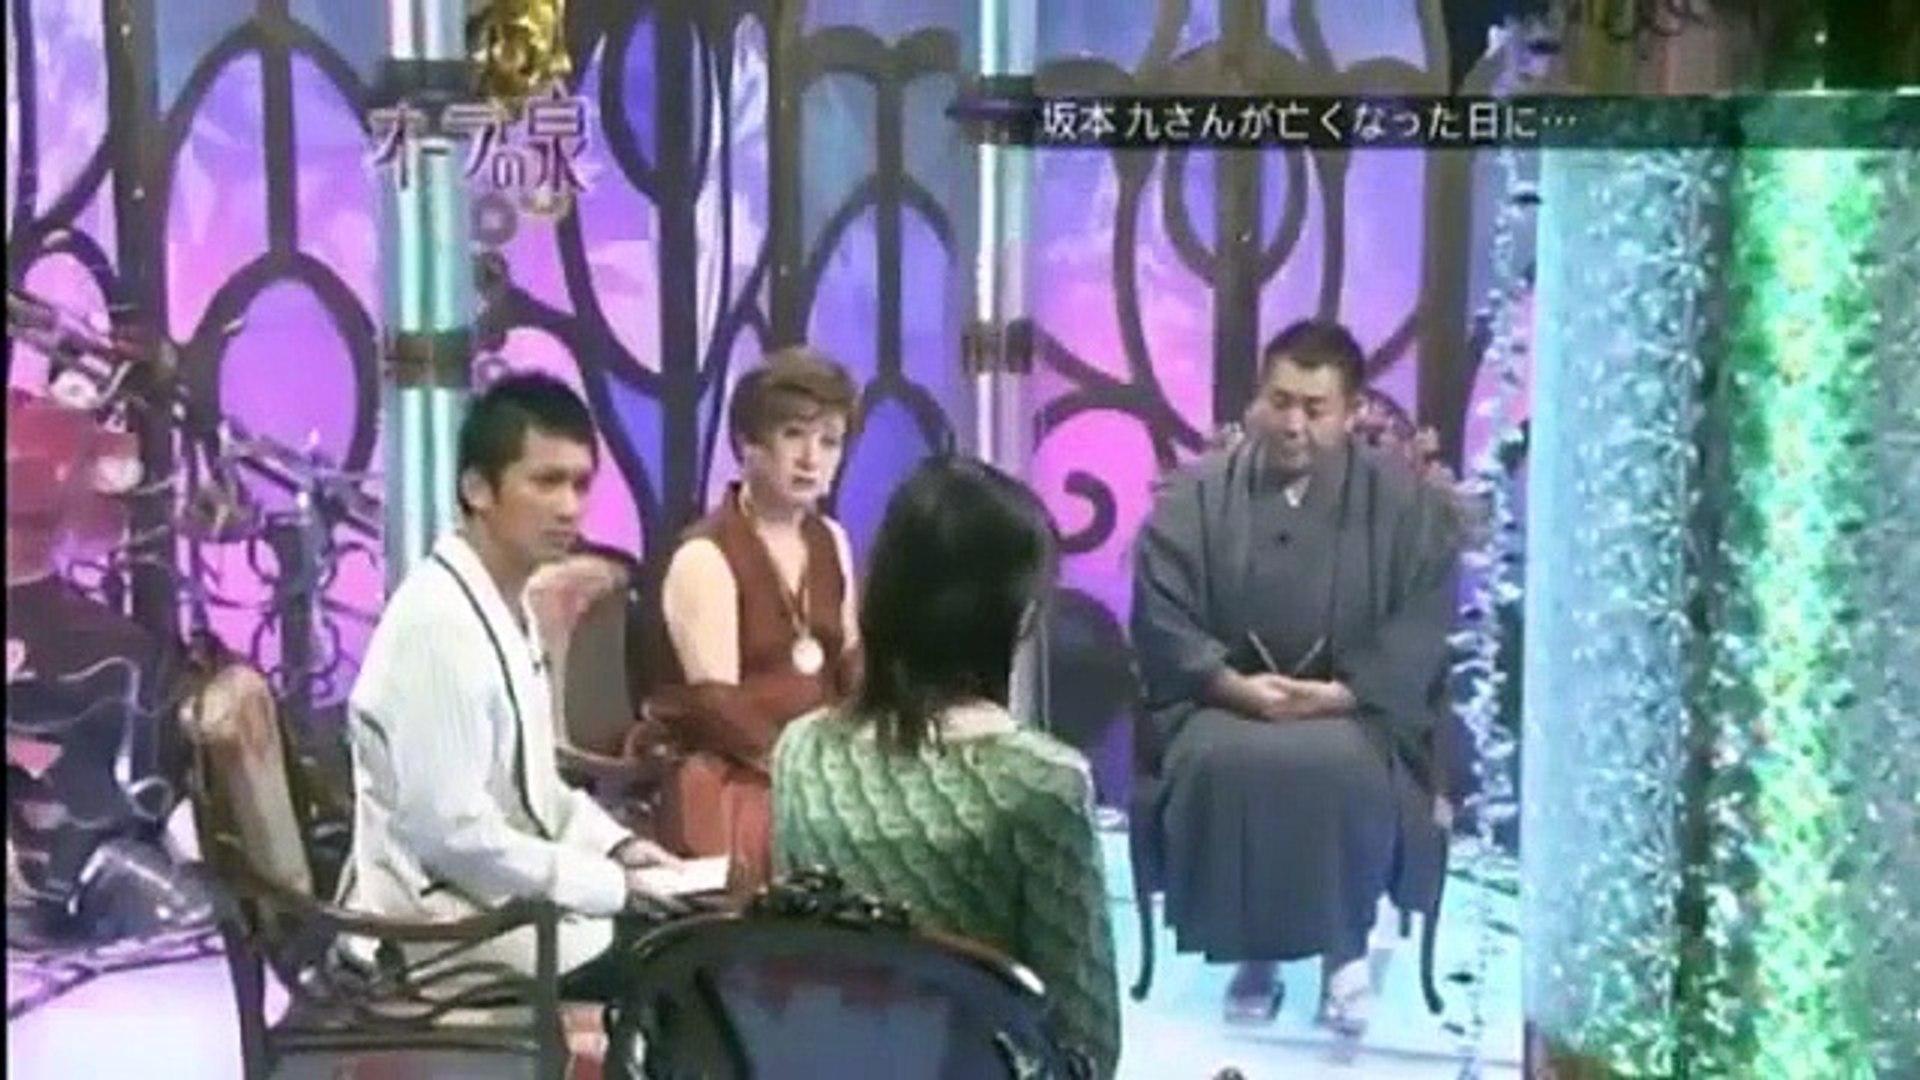 柏木 由紀子 坂本 九